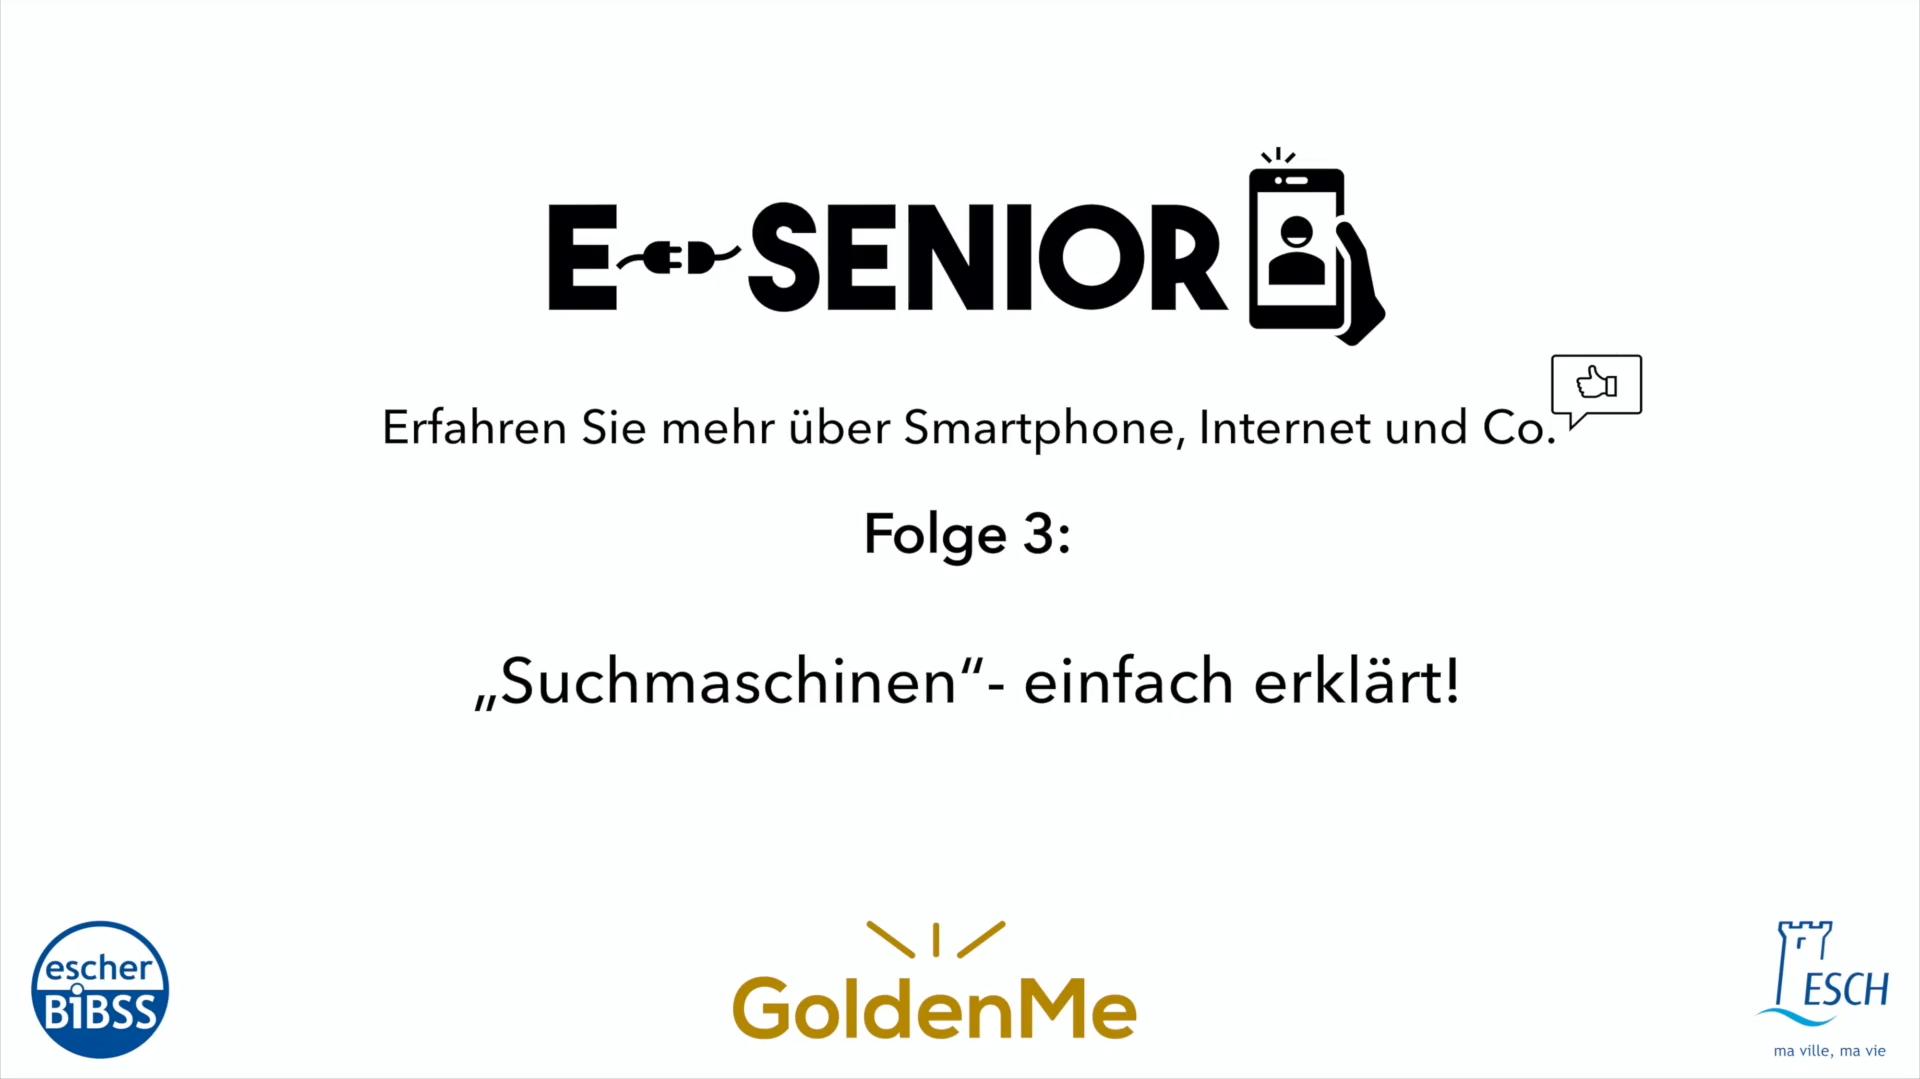 Escher BiBSS - e-Senior - Suchmaschinen